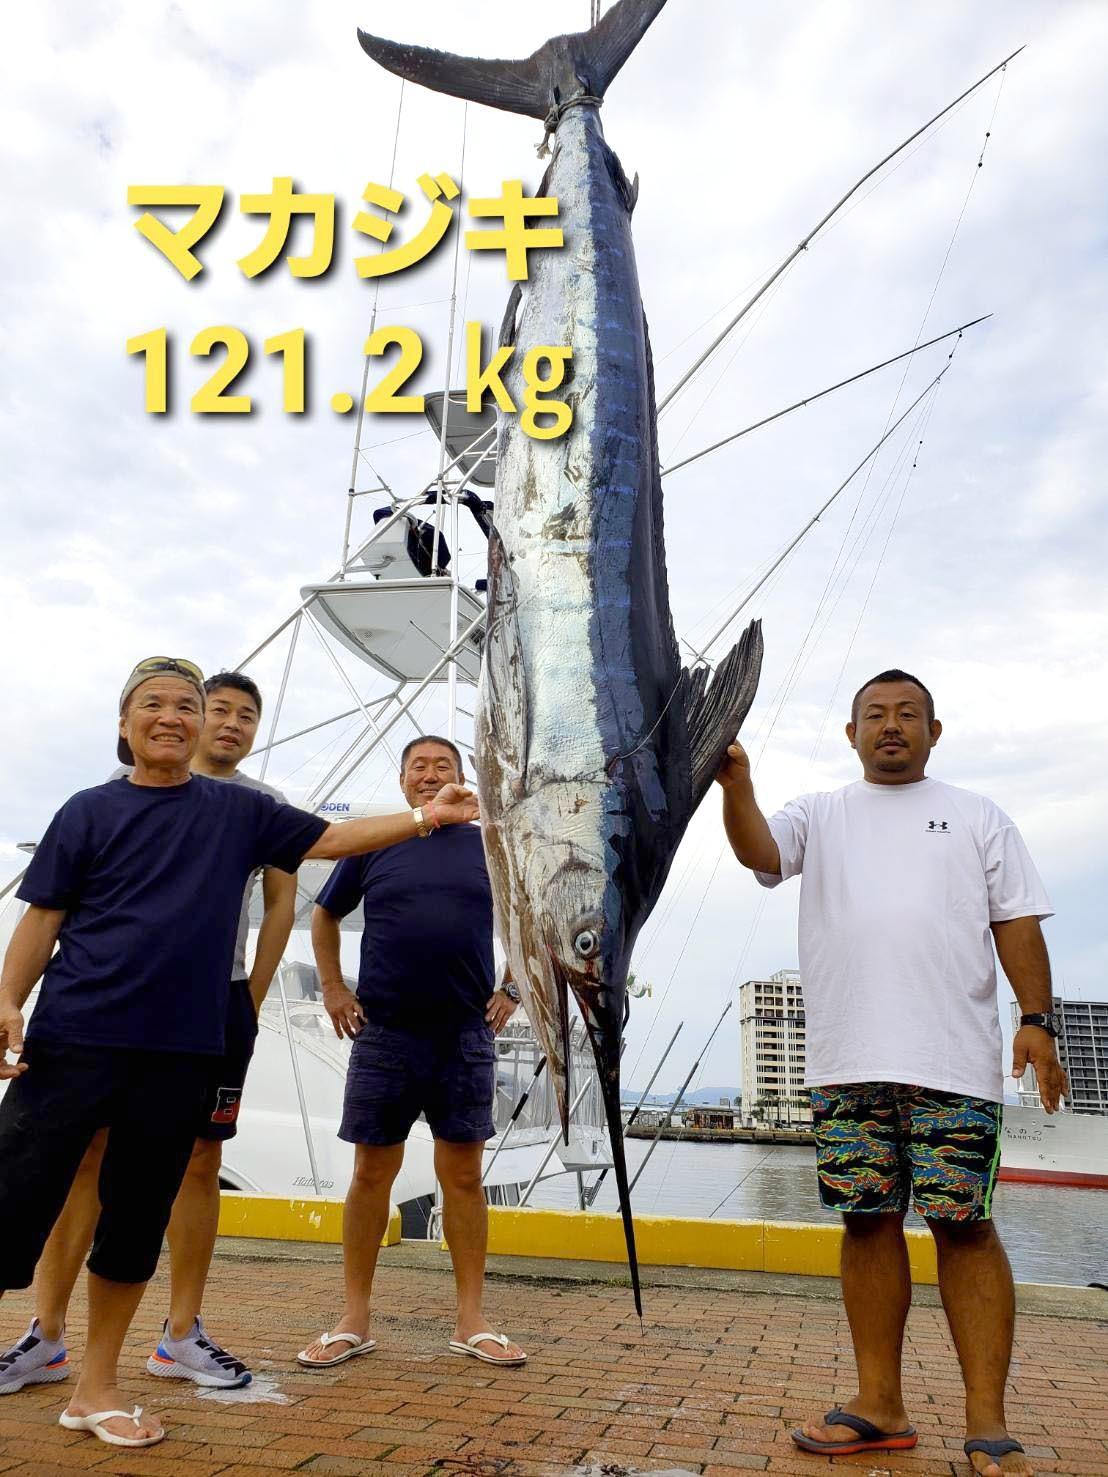 あと1.2kgで日本記録_f0009039_17575376.jpg